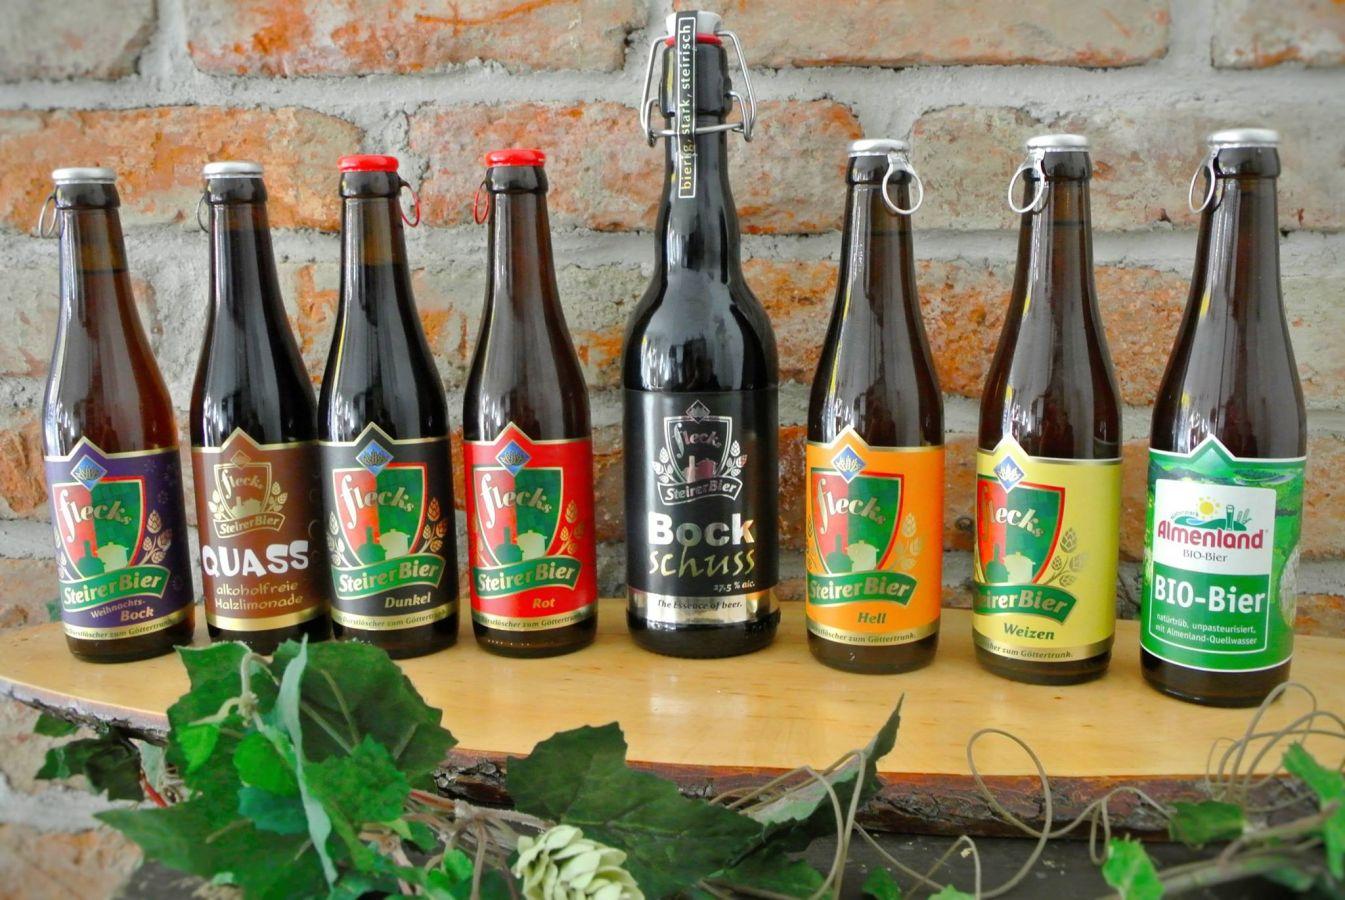 Almenland Bier